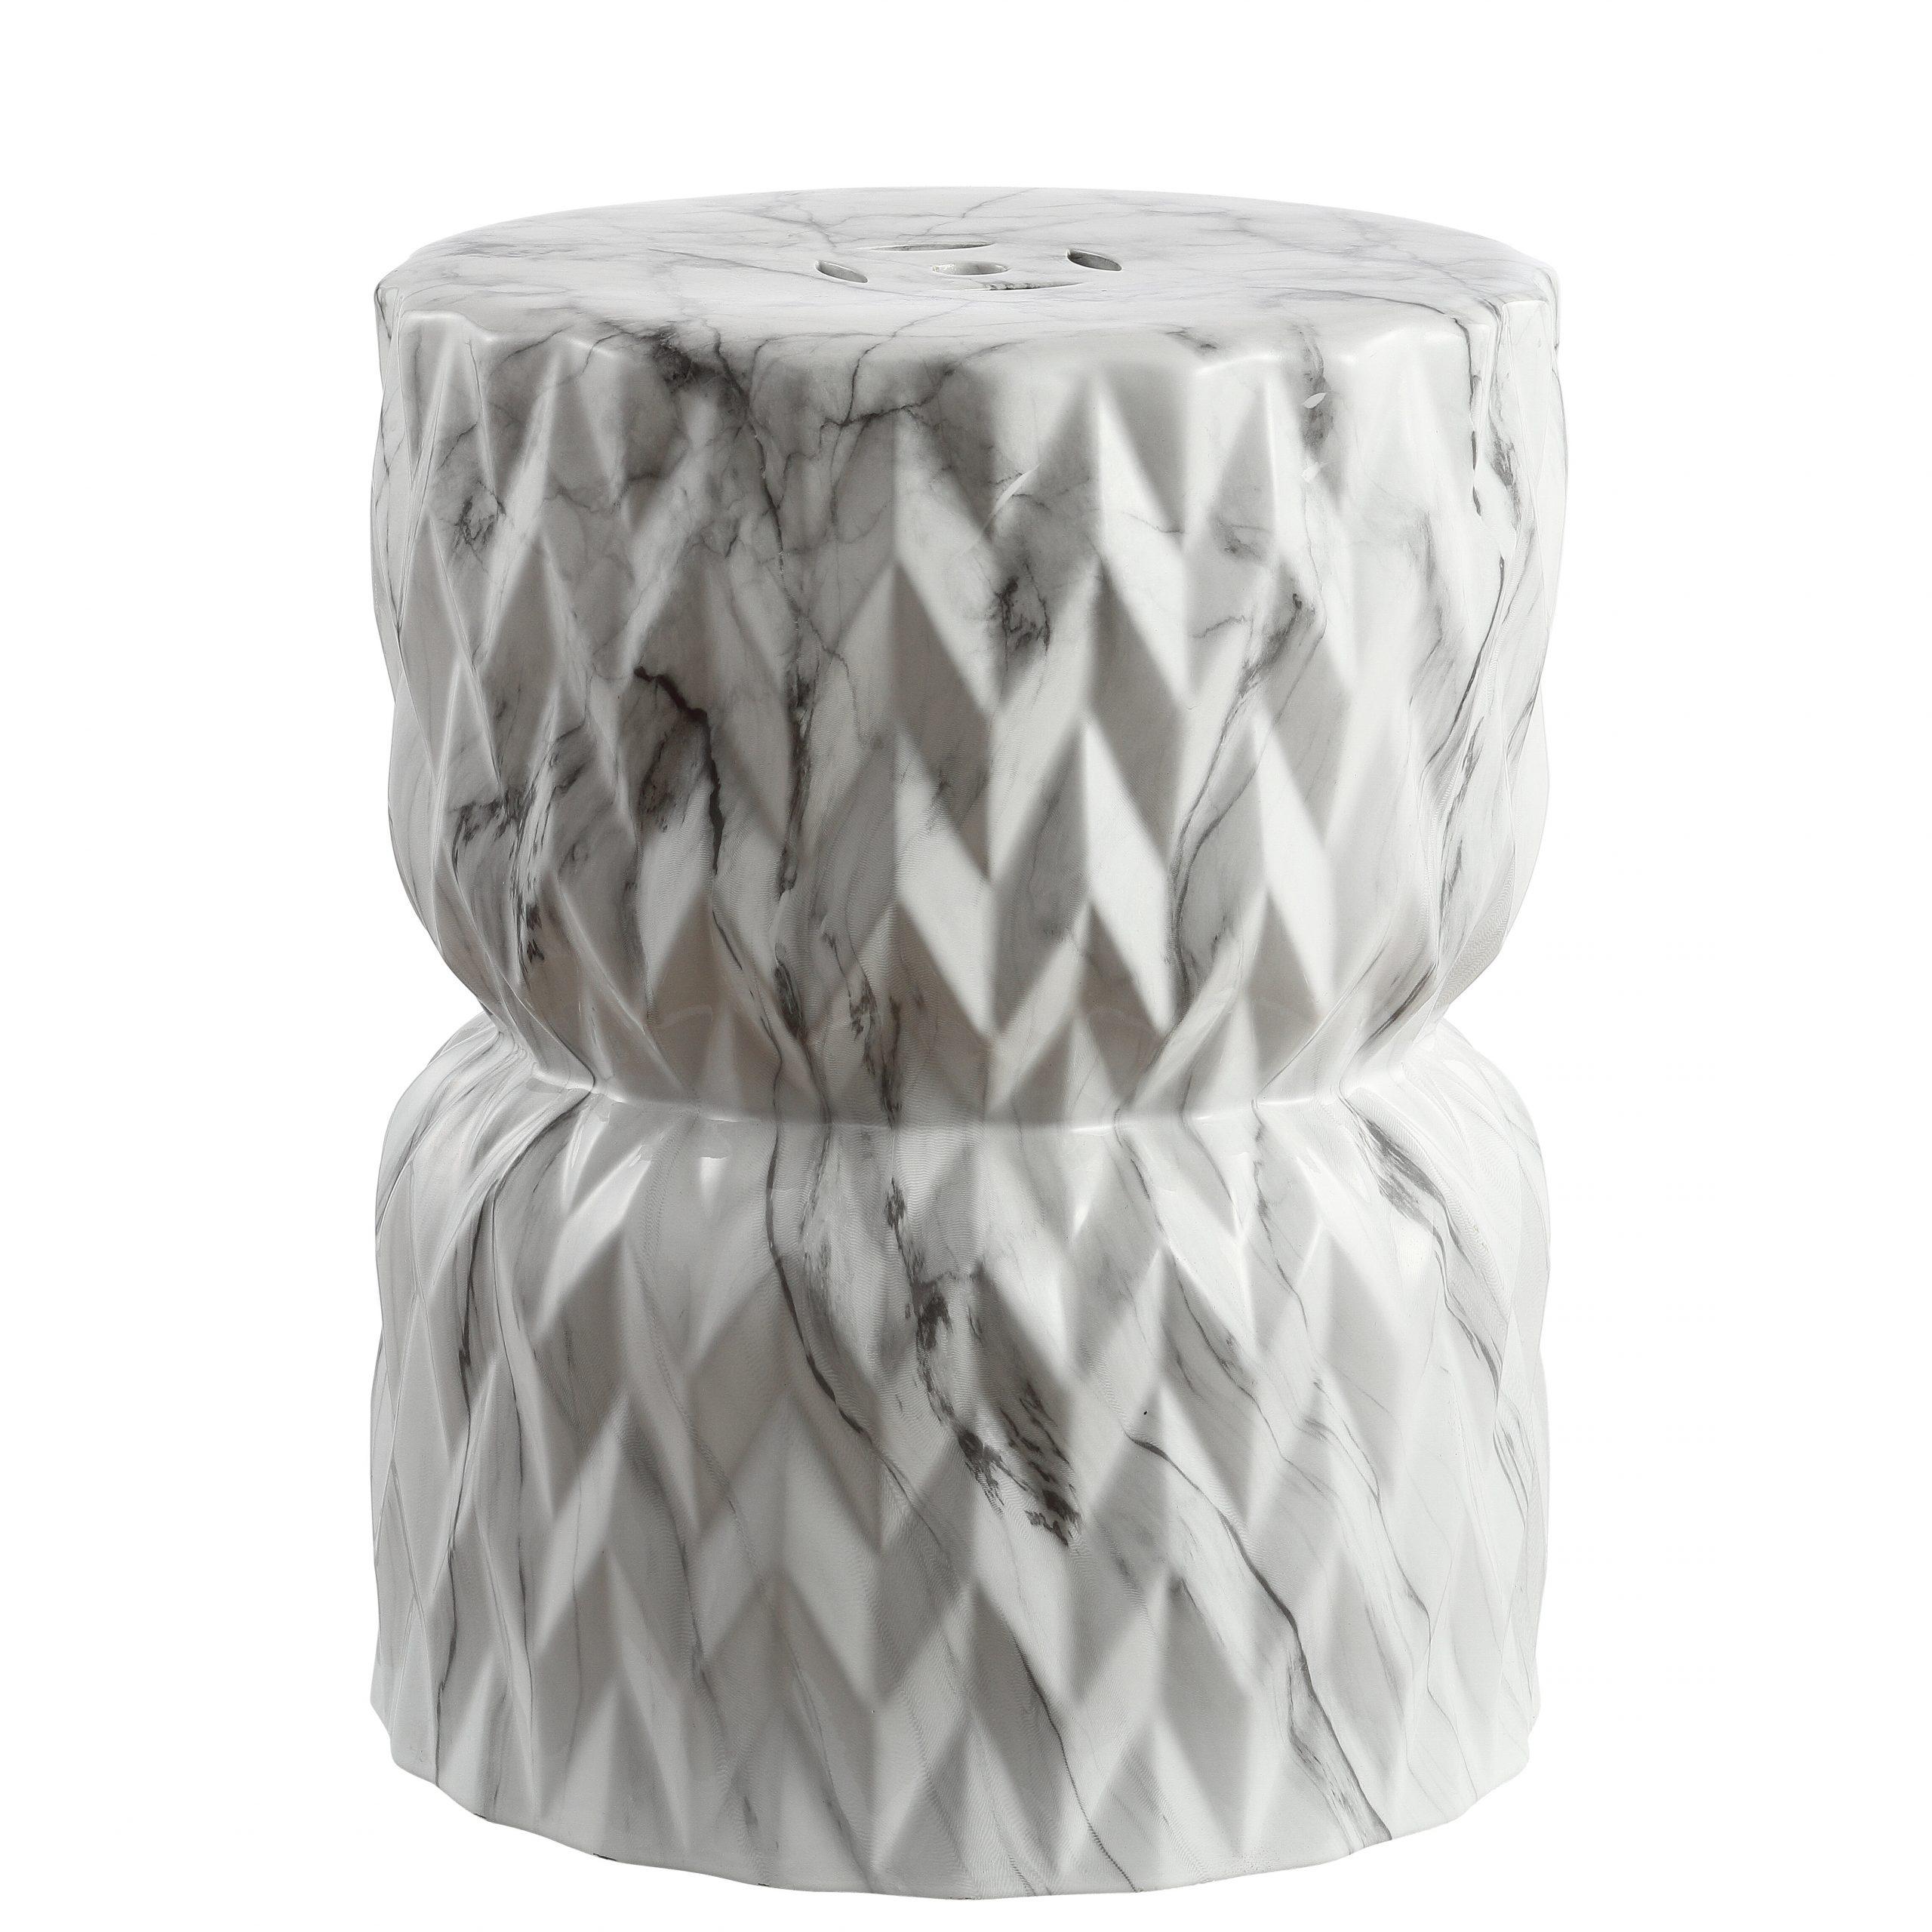 Lampkin Ceramic Garden Stool Throughout Swanson Ceramic Garden Stools (View 10 of 25)